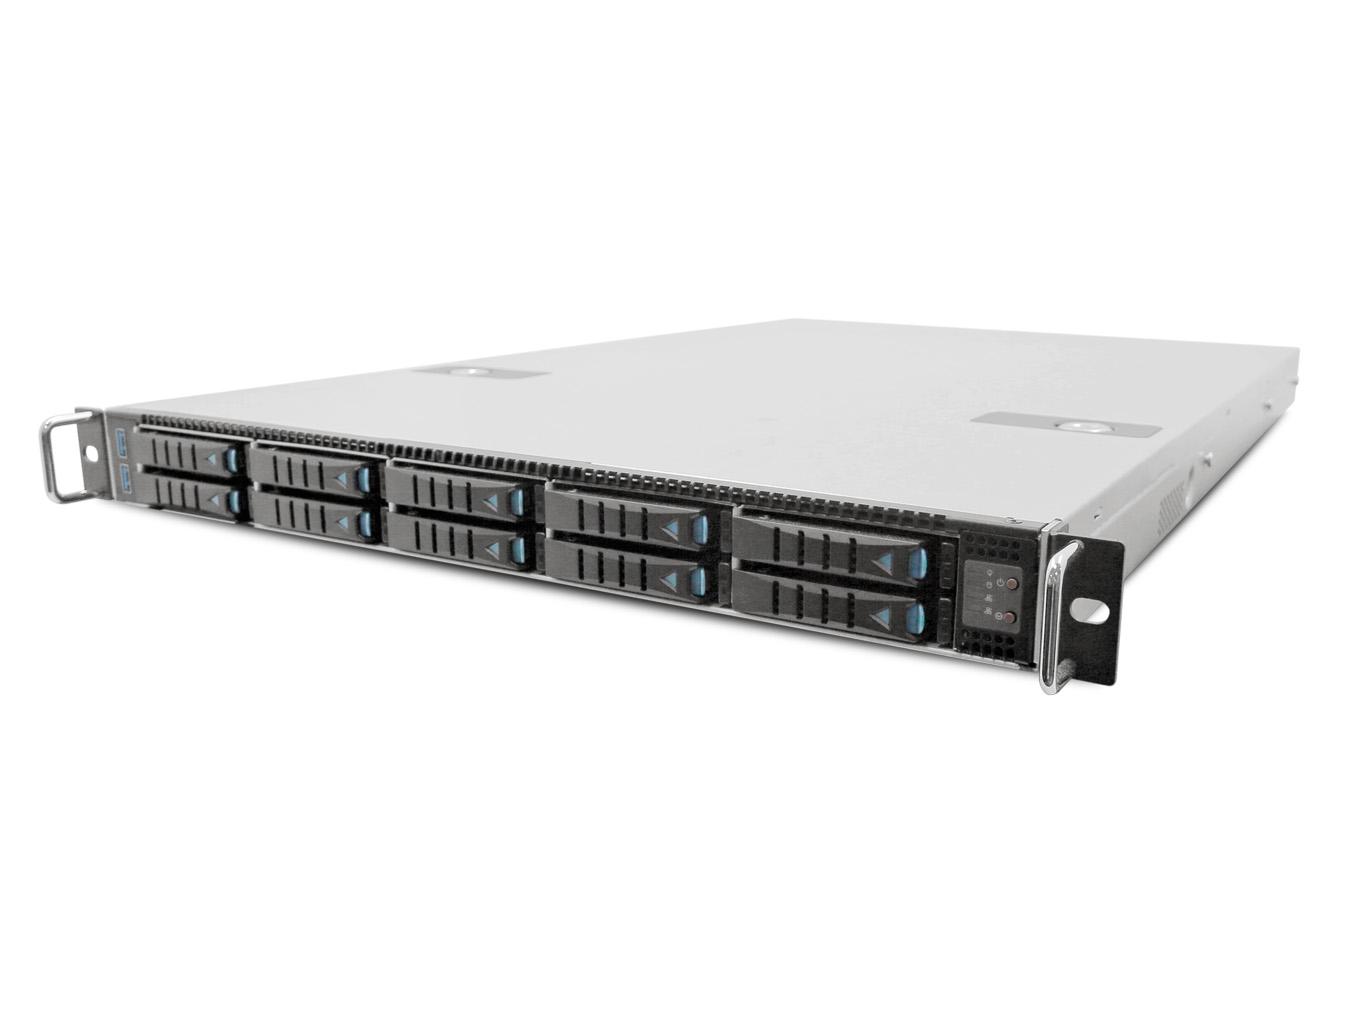 AIC RSC-1AT XE1-1AT00-01 1U SAS/SATA Storage Server Chassis